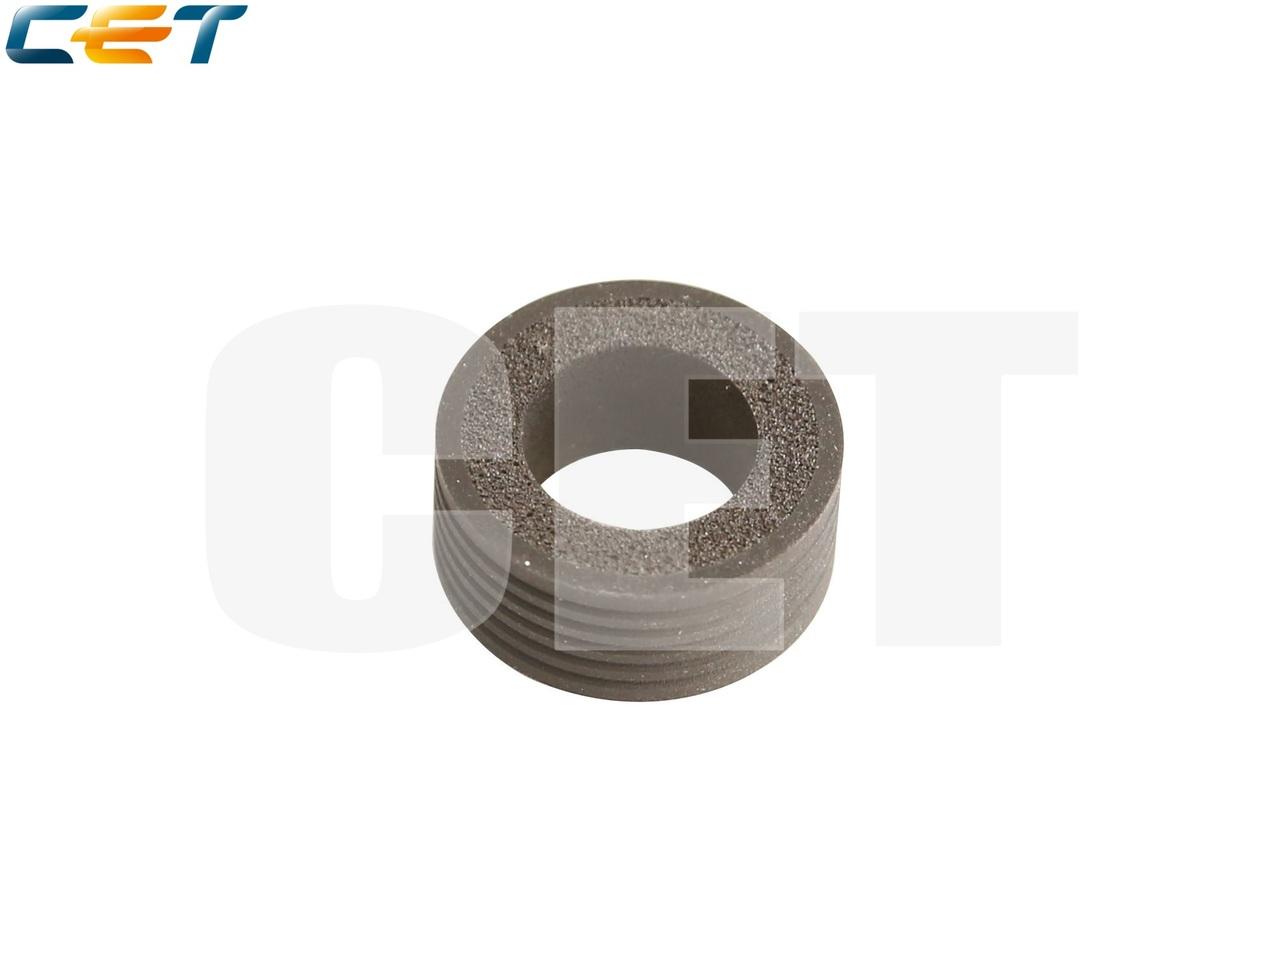 Резинка ролика отделения PA03670-0001 для FUJITSUfi-7160/7260 (CET), CET341018